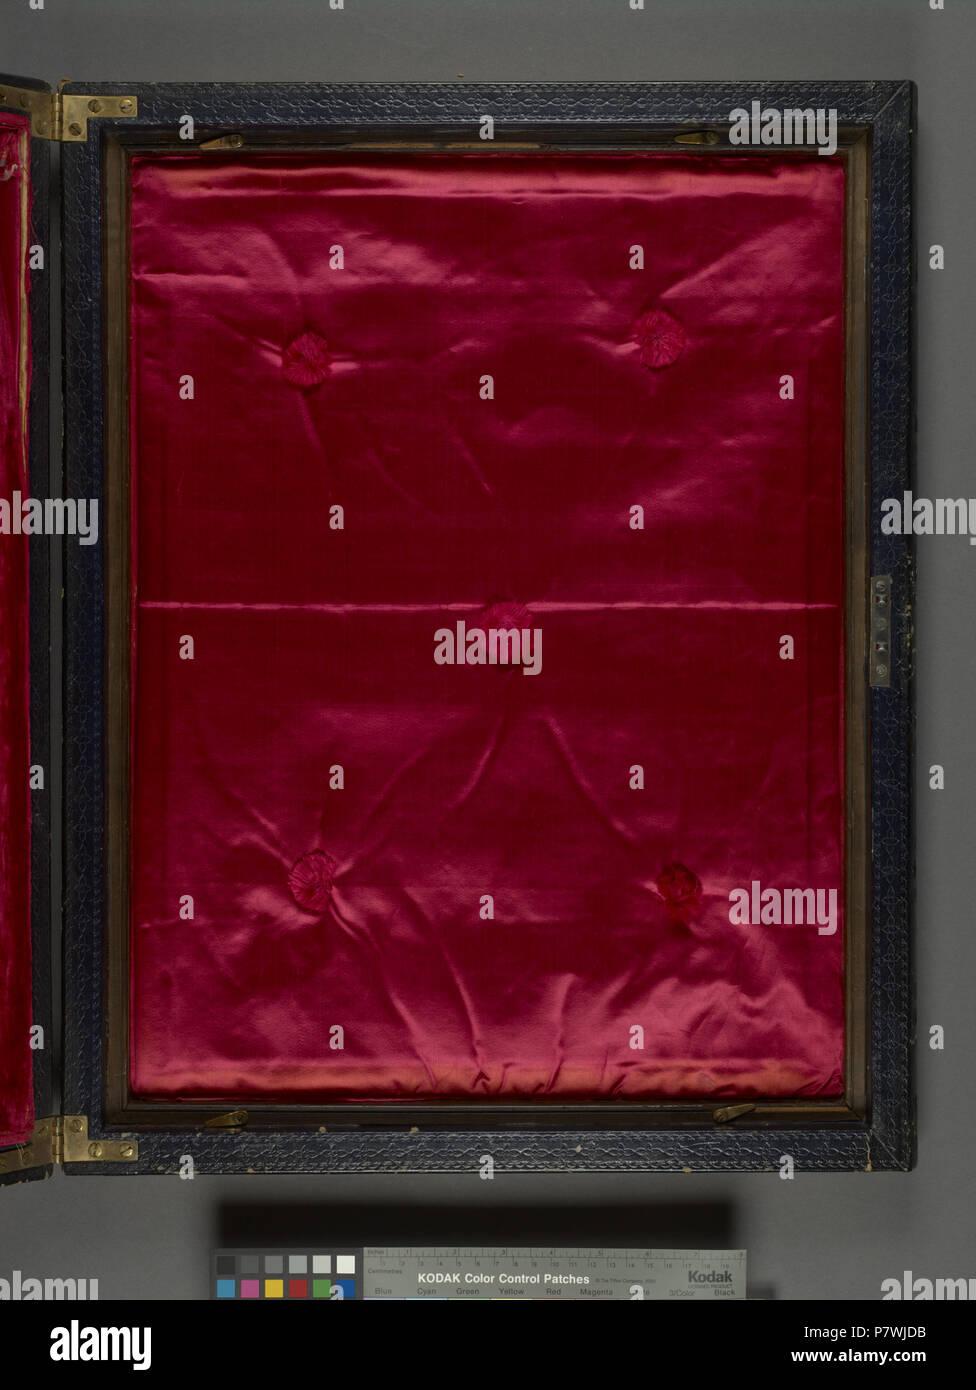 Paul H Stockfotos & Paul H Bilder - Seite 2 - Alamy